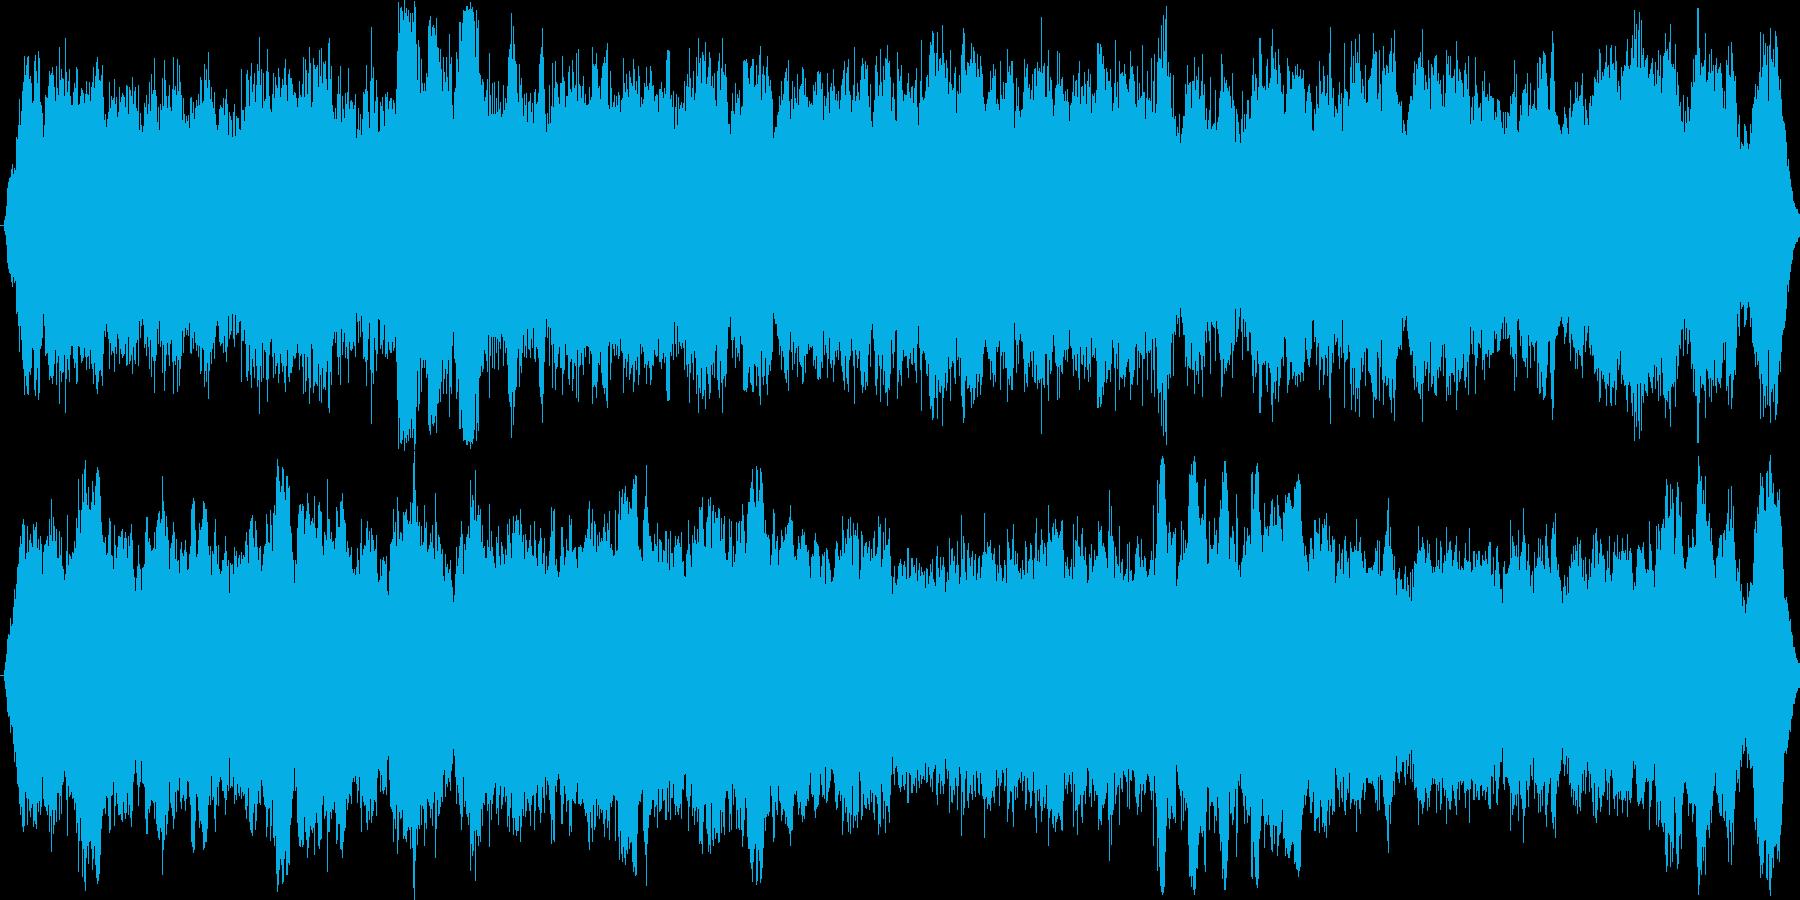 パイプオルガンオリジナル讃美歌の再生済みの波形